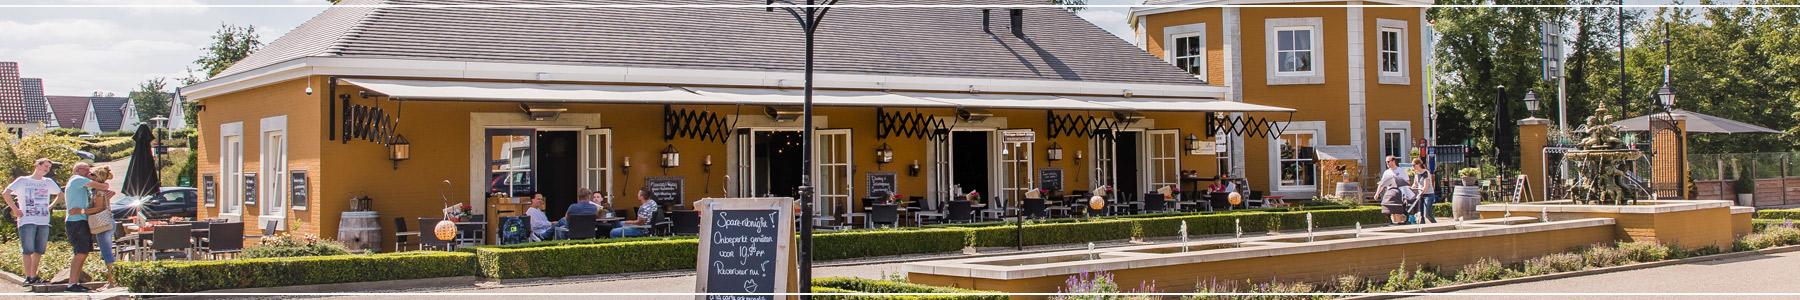 Slider met een afbeelding van het restaurant